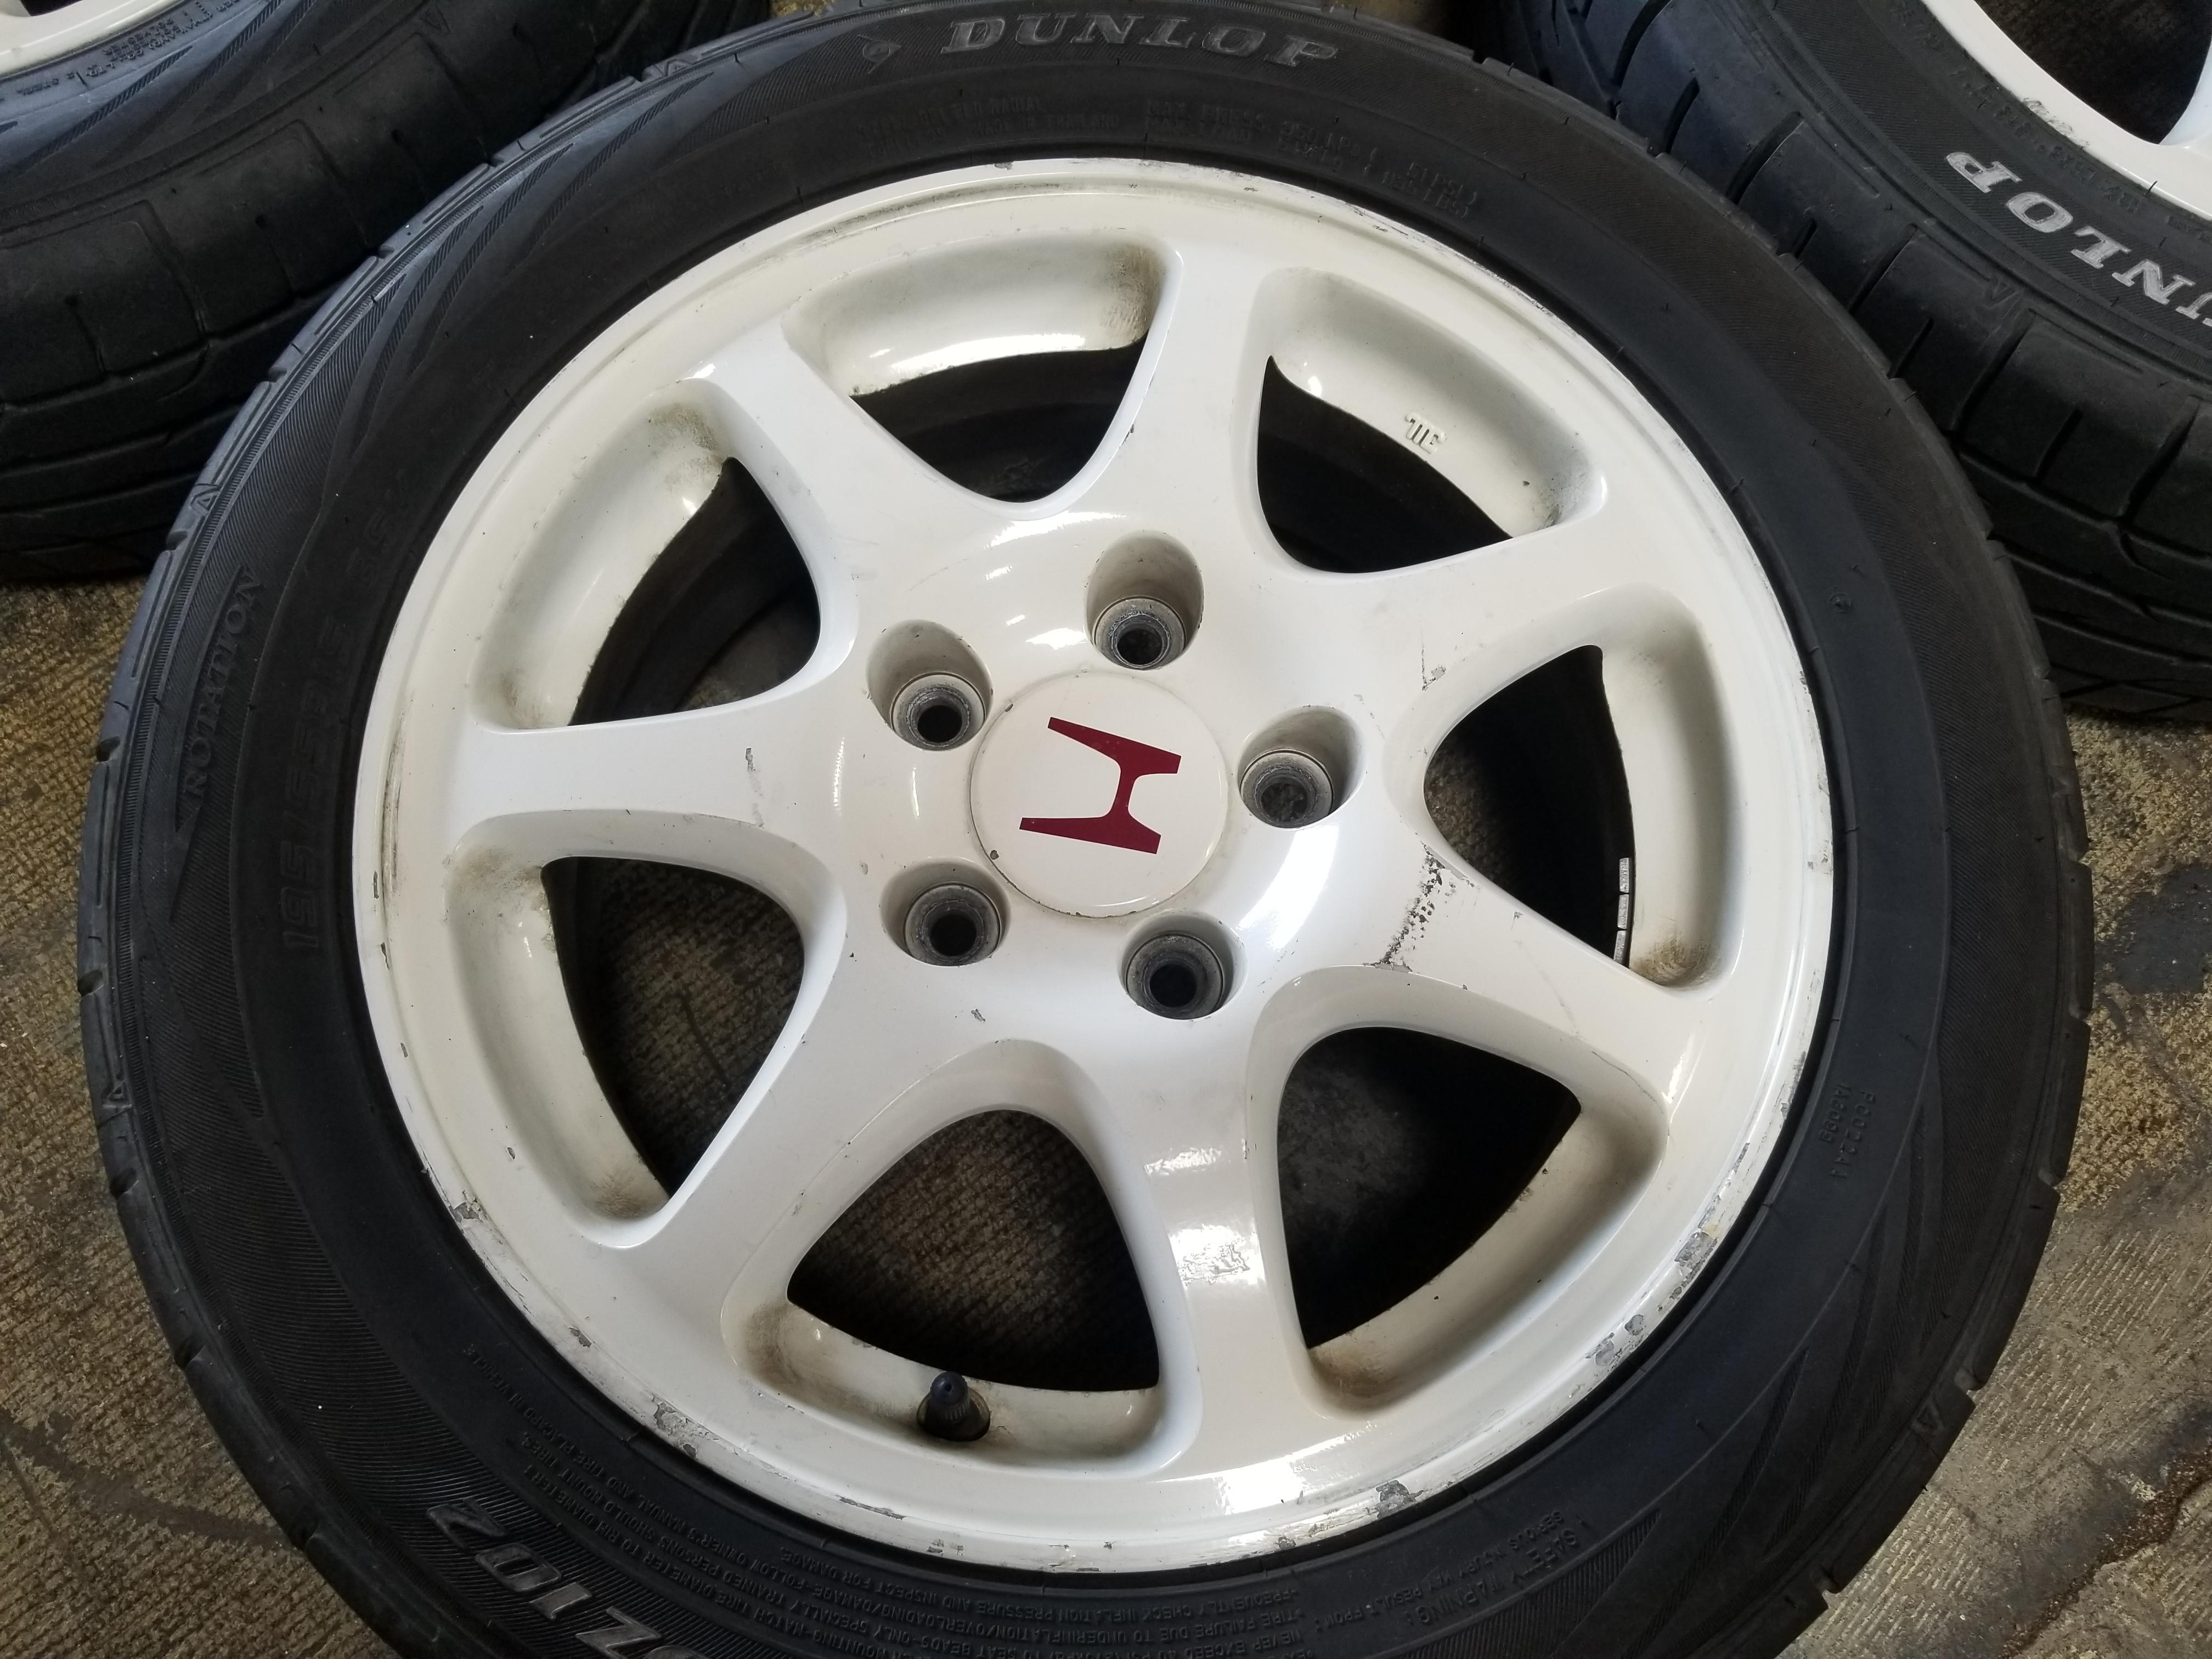 Nissan Chula Vista >> EK9 5X114.3 15X6 +50 Wheels 1996 2000 JDM Honda Civic EK9 Type R Rims EK 5 lug CTR | JDM Of San ...